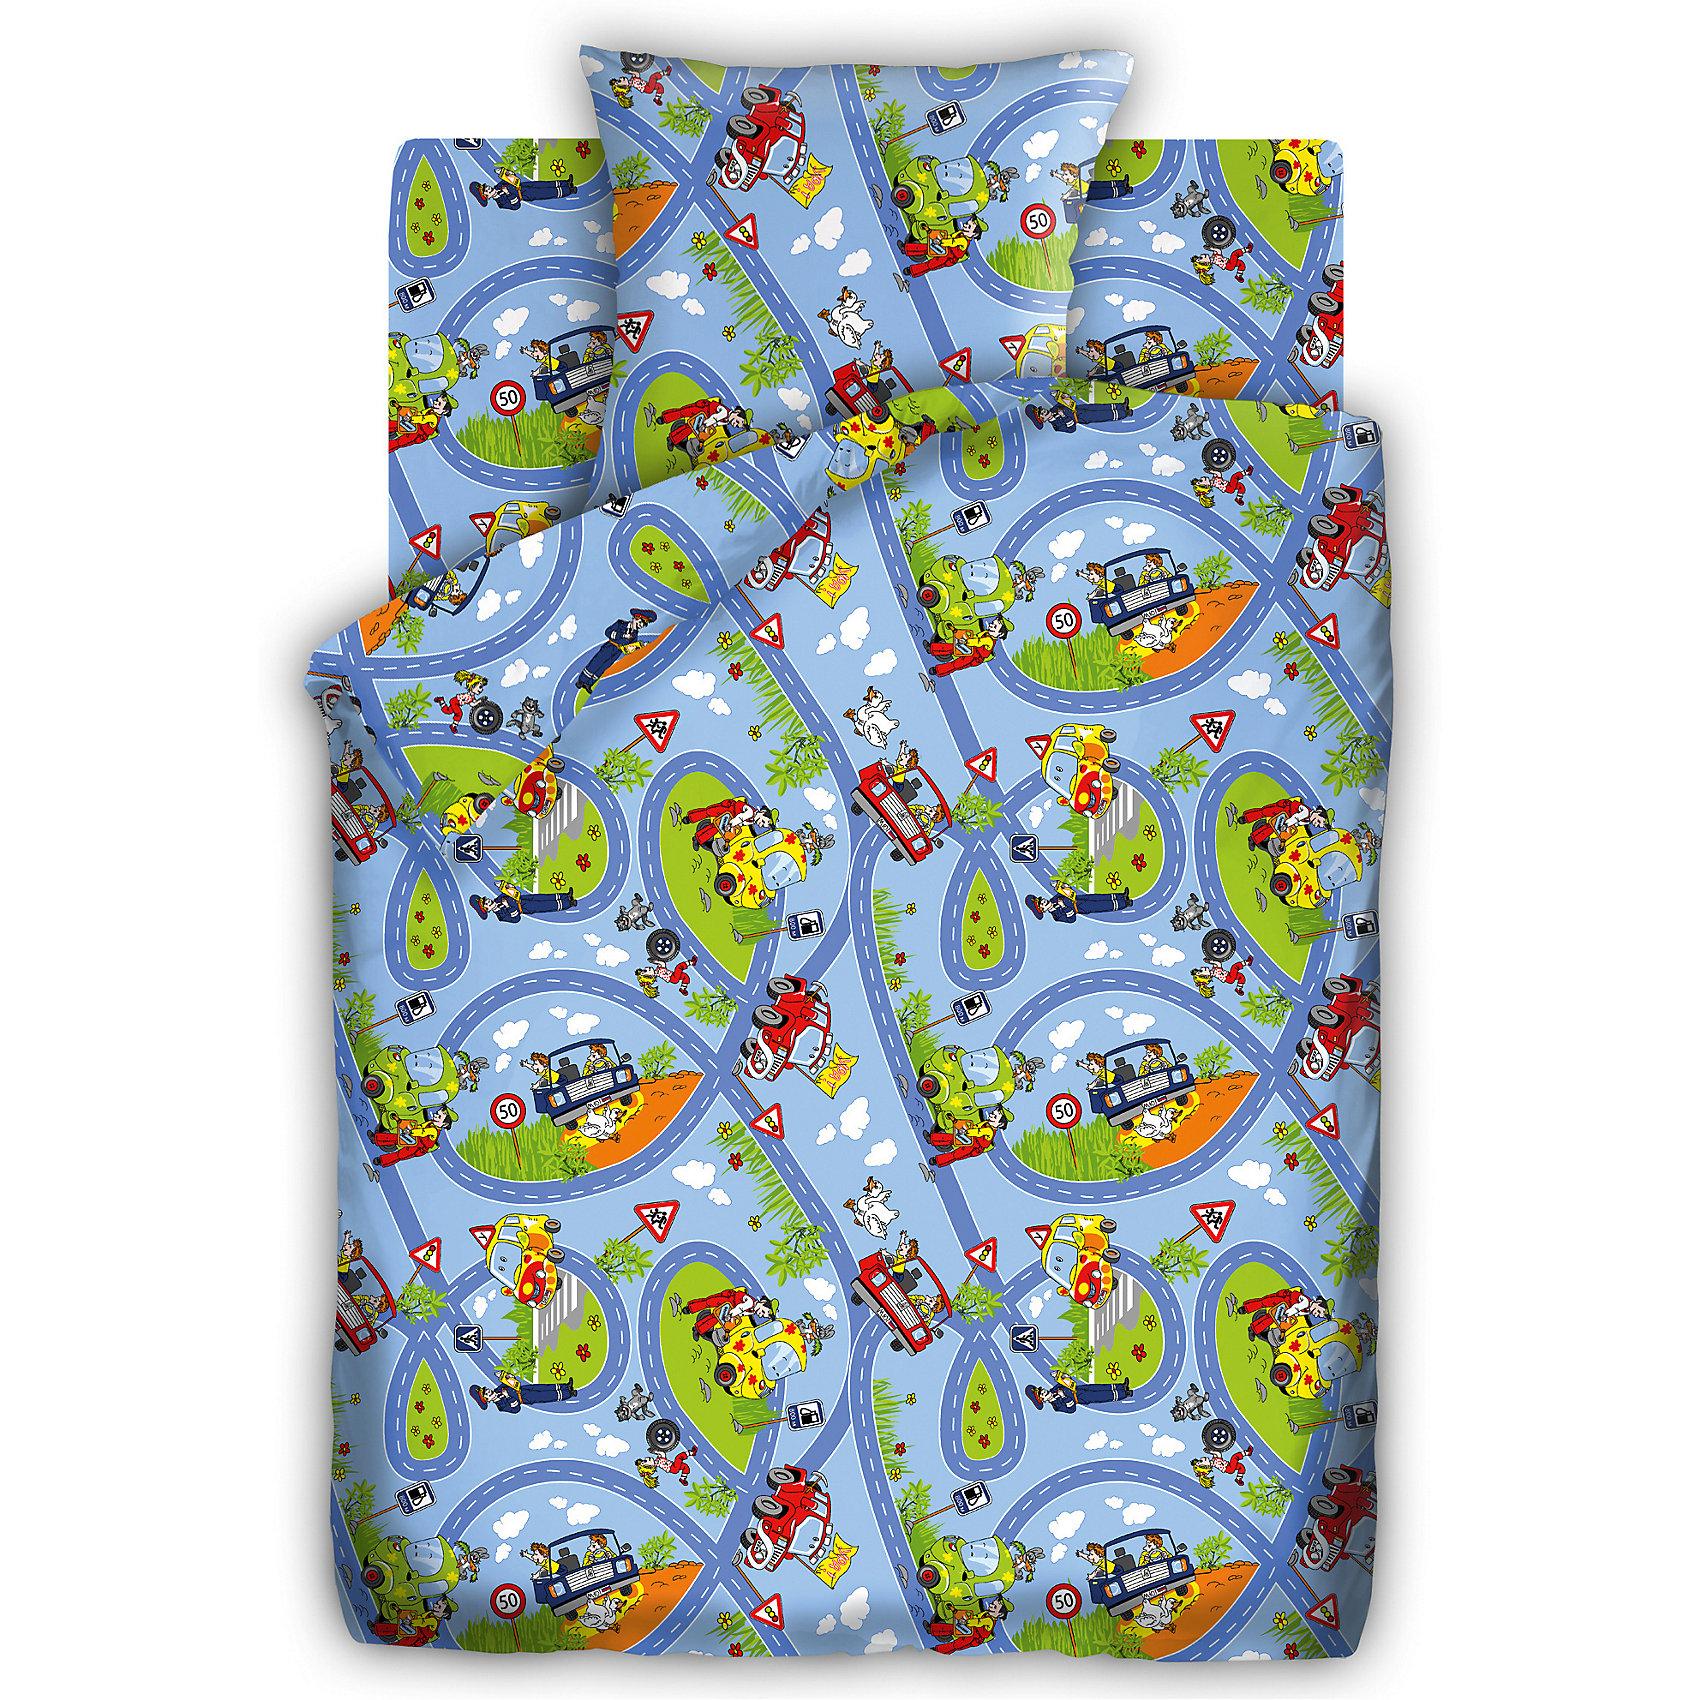 Детский комплект Светофор, Кошки-мышкиПостельное белье Светофор выполнено из натурального хлопка, отлично пропускает воздух, очень приятно к телу, что обеспечивает малышам крепкий и здоровый сон. В производстве ткани использованы высококачественные гипоаллергенные красители безопасные для детей. Белье с изображением ярких автомобилей и длинной извилистой дороги обязательно заинтересует и порадует ребенка, подарит ему добрые и яркие сны. <br><br>Дополнительная информация:<br><br>- Пододеяльник, простыня, наволочка (1 шт.)<br>- Размер: пододеяльник - 147х112, простыня -  150х110, наволочка 40х60.<br>- Материал: бязь (100% хлопок).<br>- Плотность ткани 115 г/м2<br>- Декоративные элементы: принт.<br><br>Детский комплект Светофор, Кошки-мышки, можно купить в нашем магазине.<br><br>Ширина мм: 250<br>Глубина мм: 350<br>Высота мм: 70<br>Вес г: 1500<br>Возраст от месяцев: 0<br>Возраст до месяцев: 60<br>Пол: Мужской<br>Возраст: Детский<br>SKU: 4358359